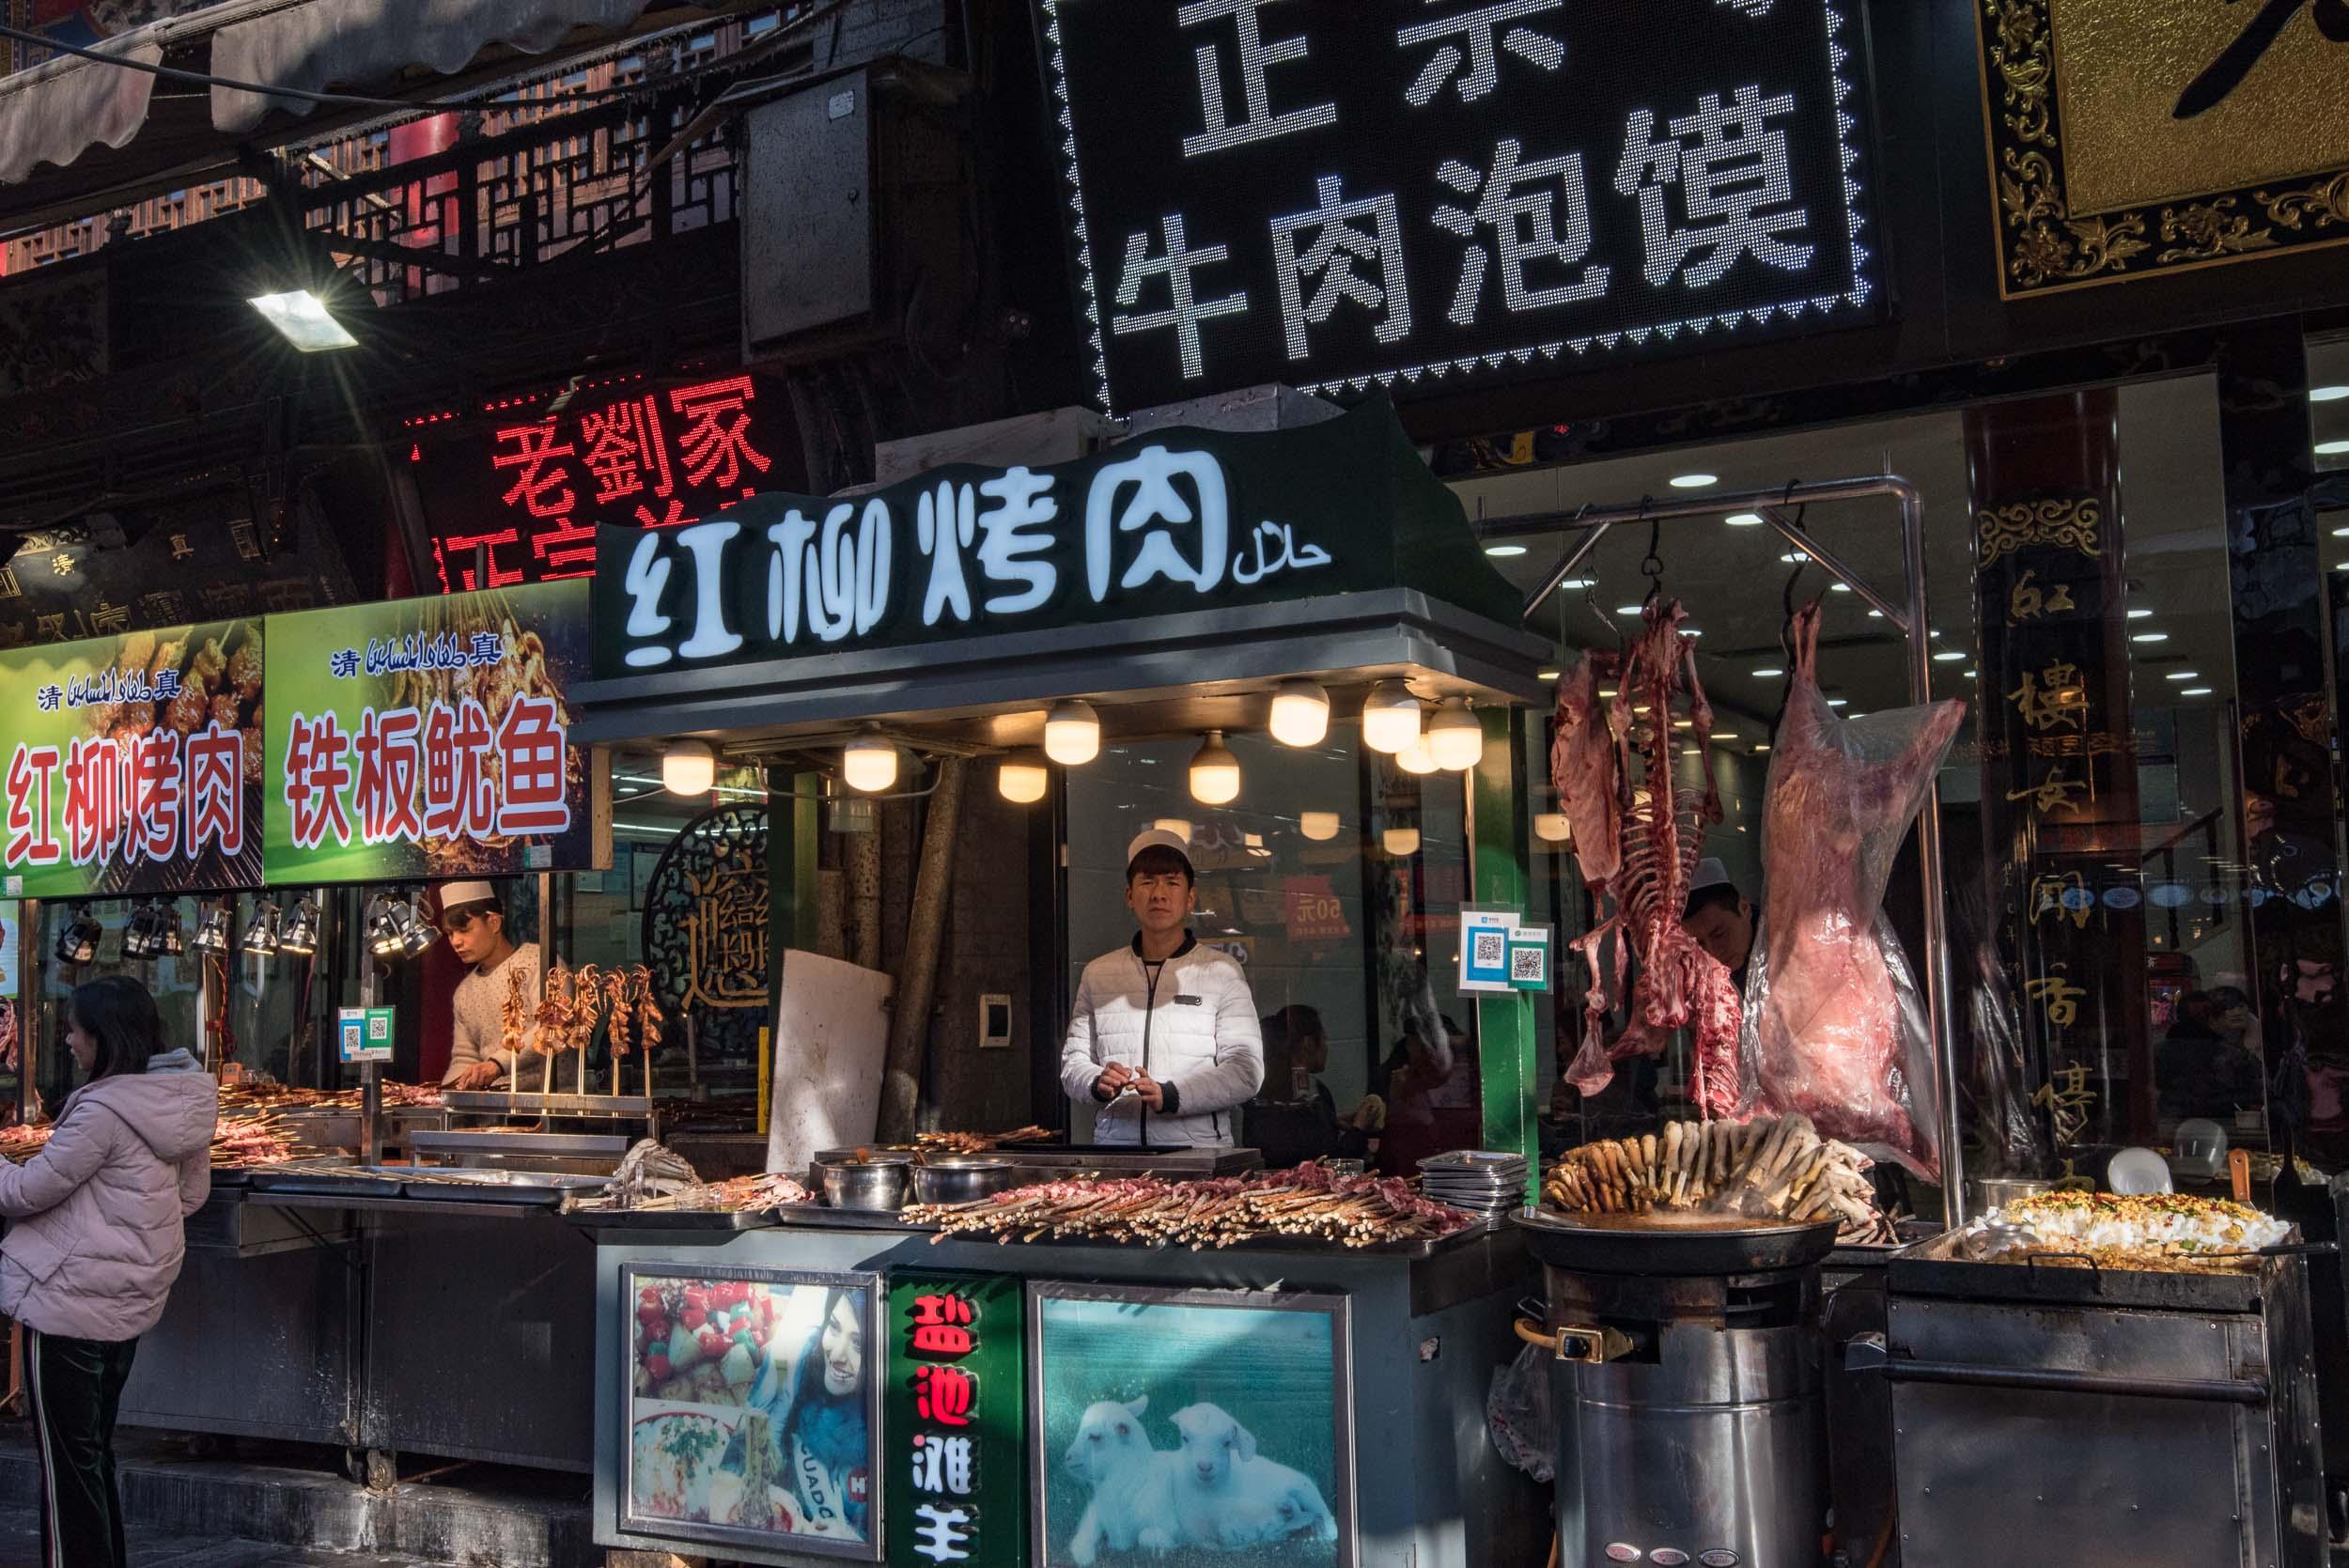 Street Meats